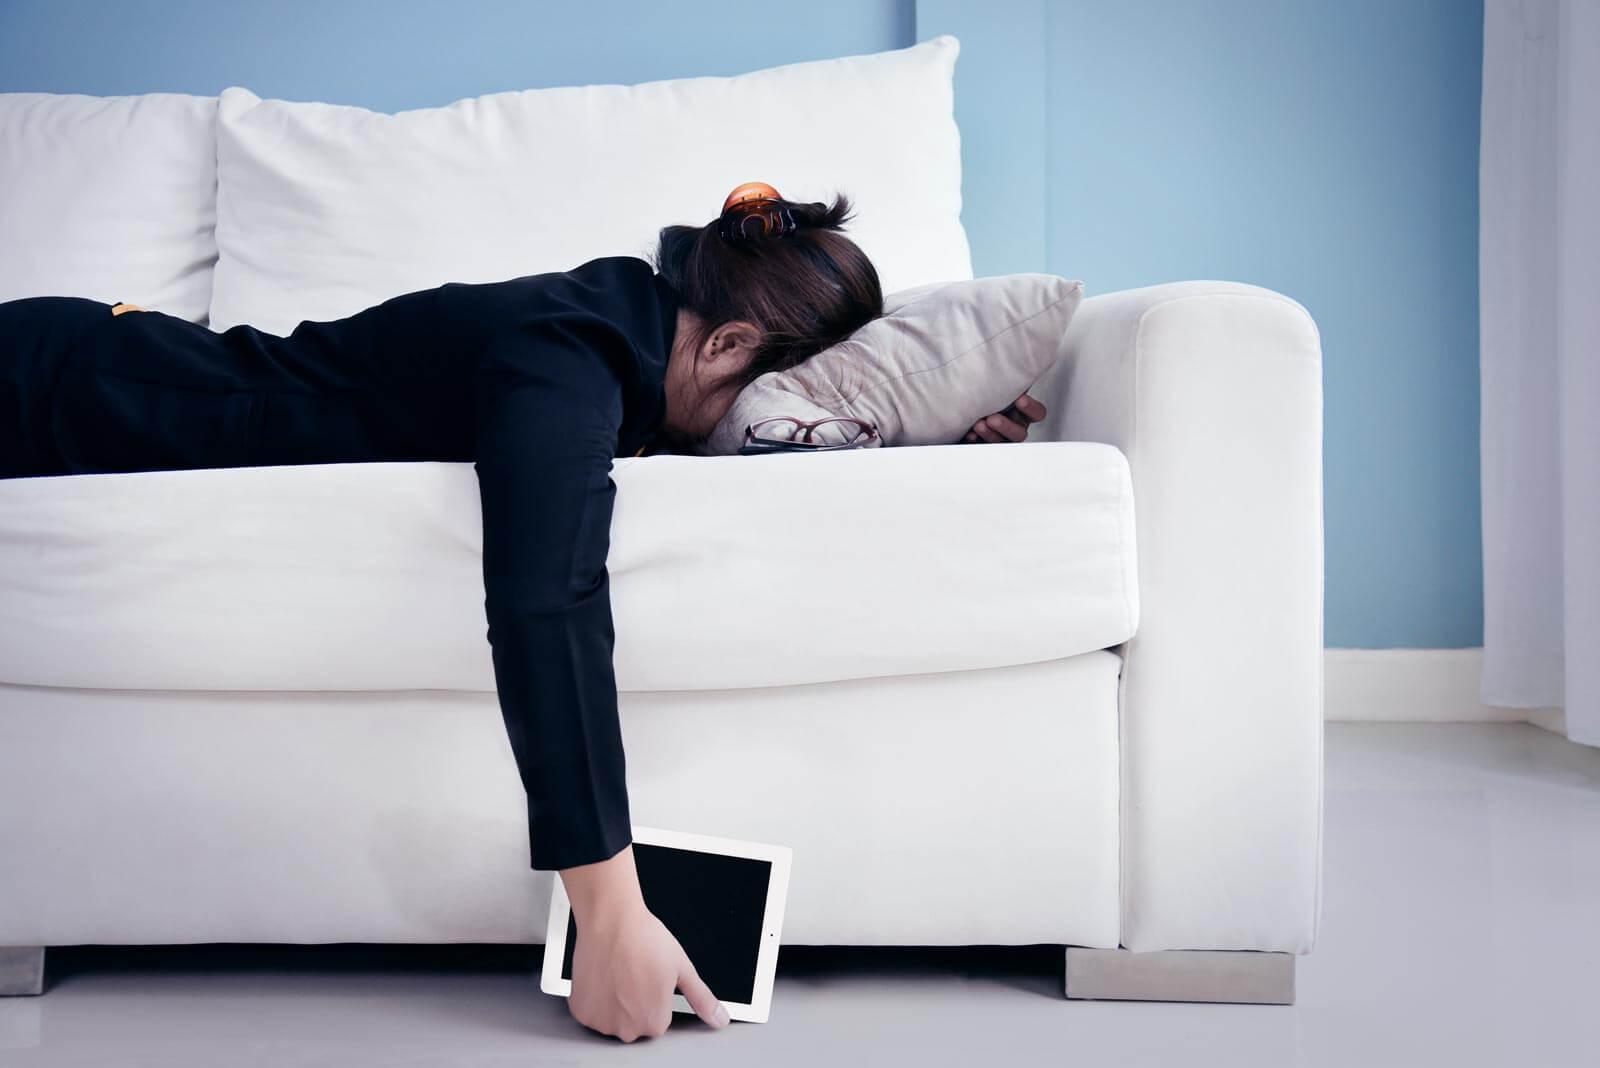 Frau liegt erschöpft auf dem Sofa mit Tablet in der Handy